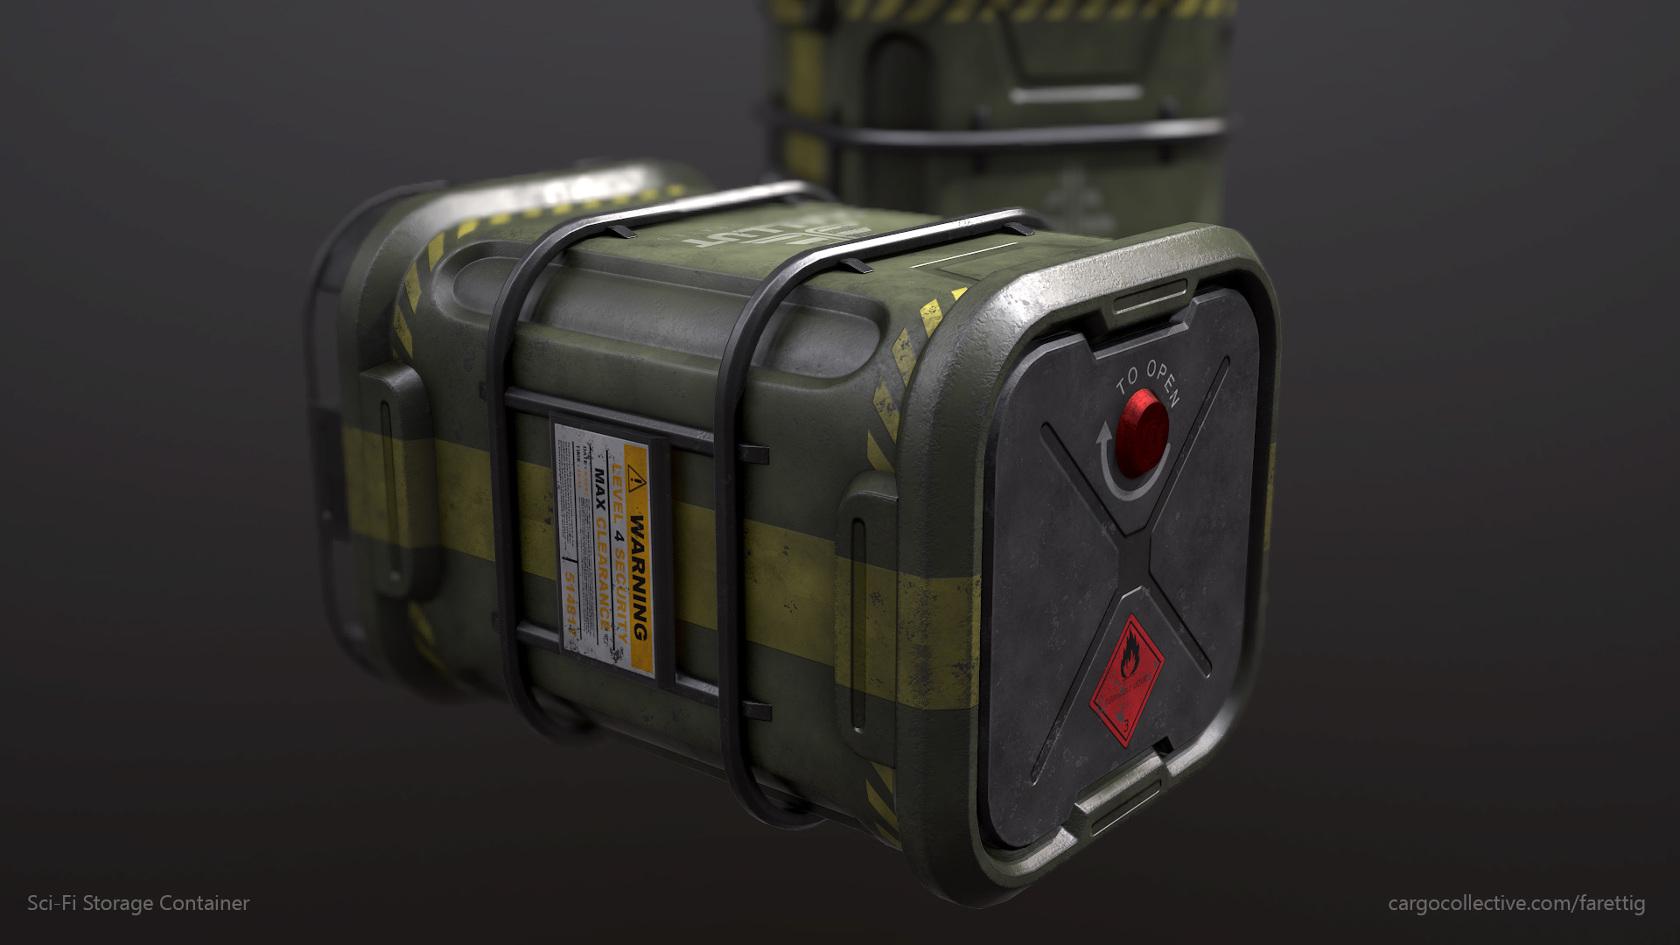 Sci Fi Storage Container Farettig